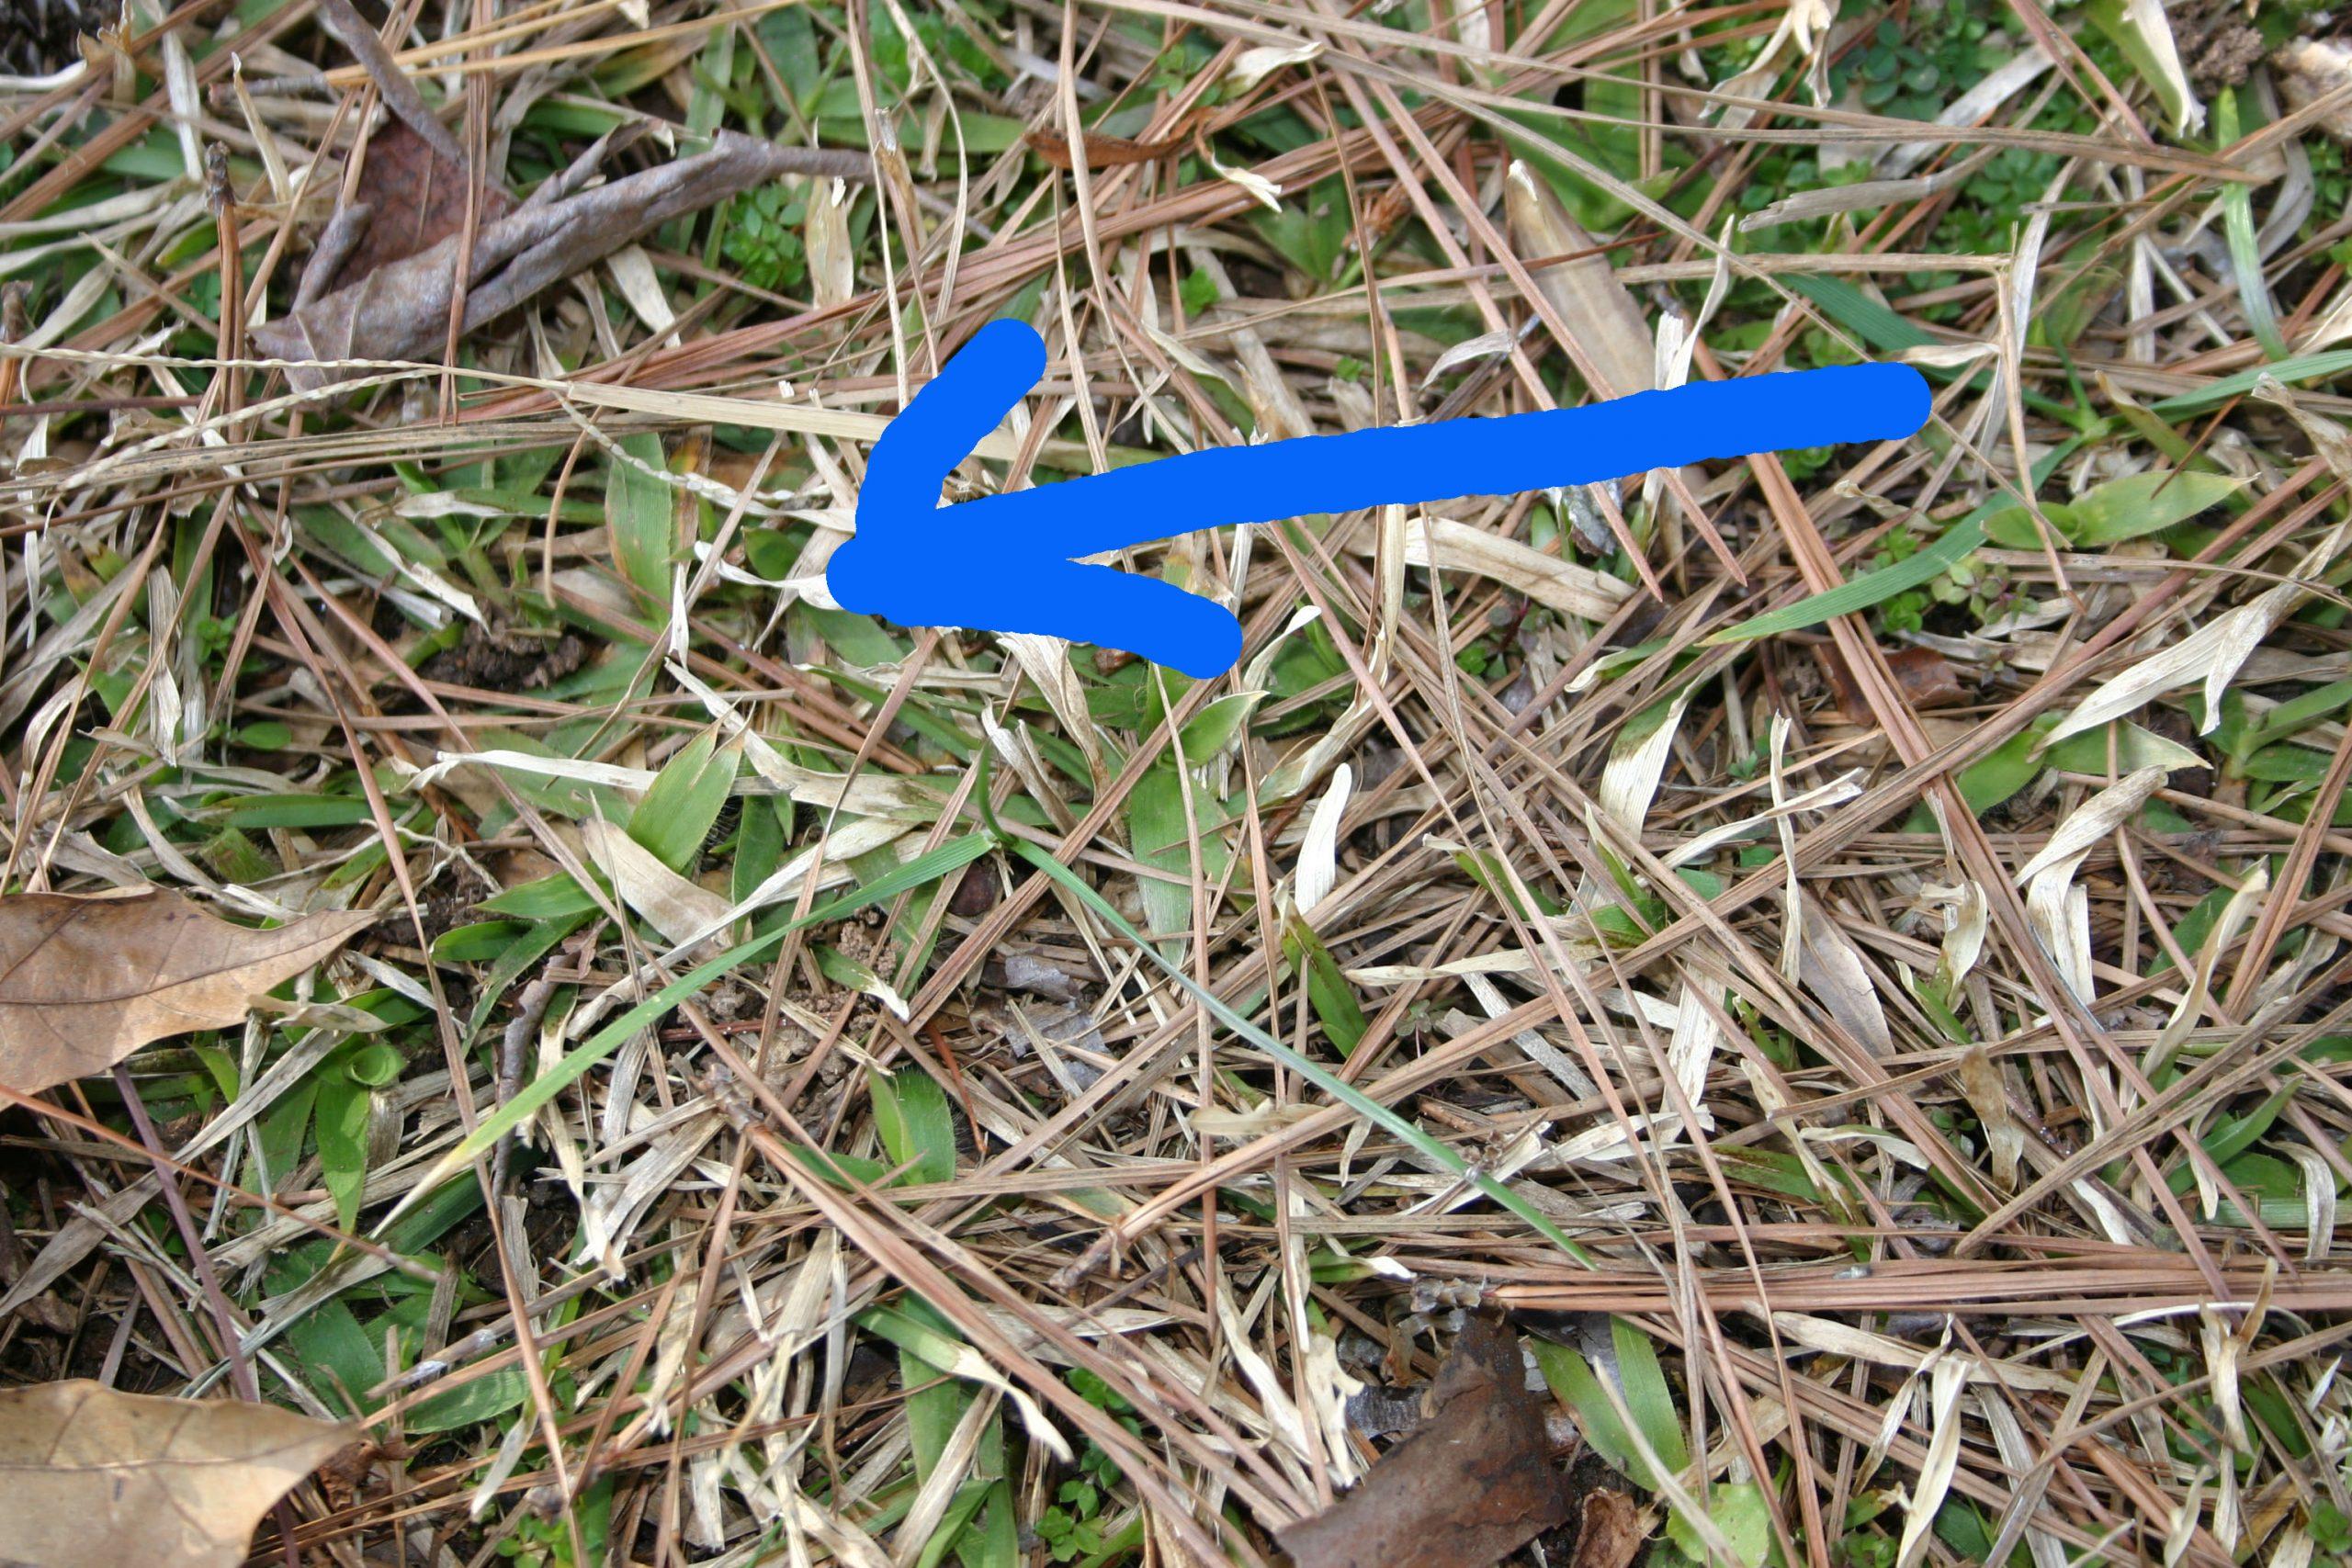 centipede not dormant blue arrow